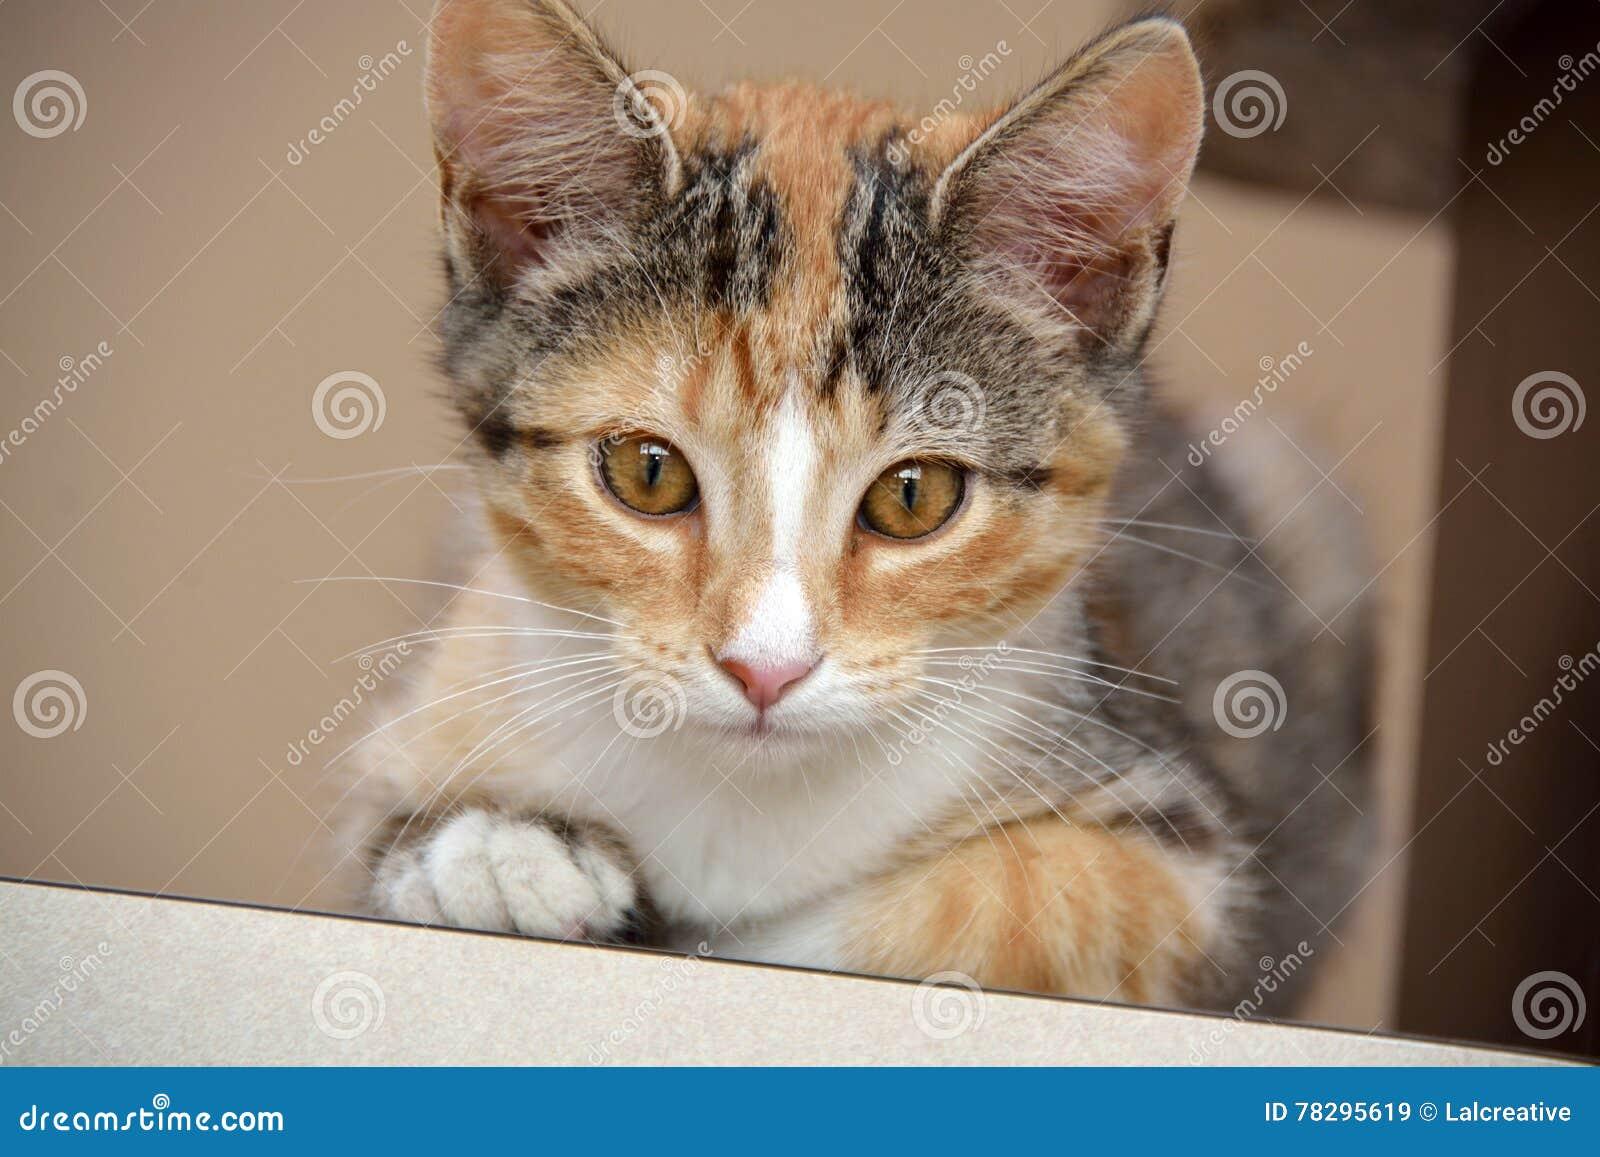 Primer del calicó femenino Kitten Laying en el contador que mira directamente la cámara, profundidad del campo estrecha